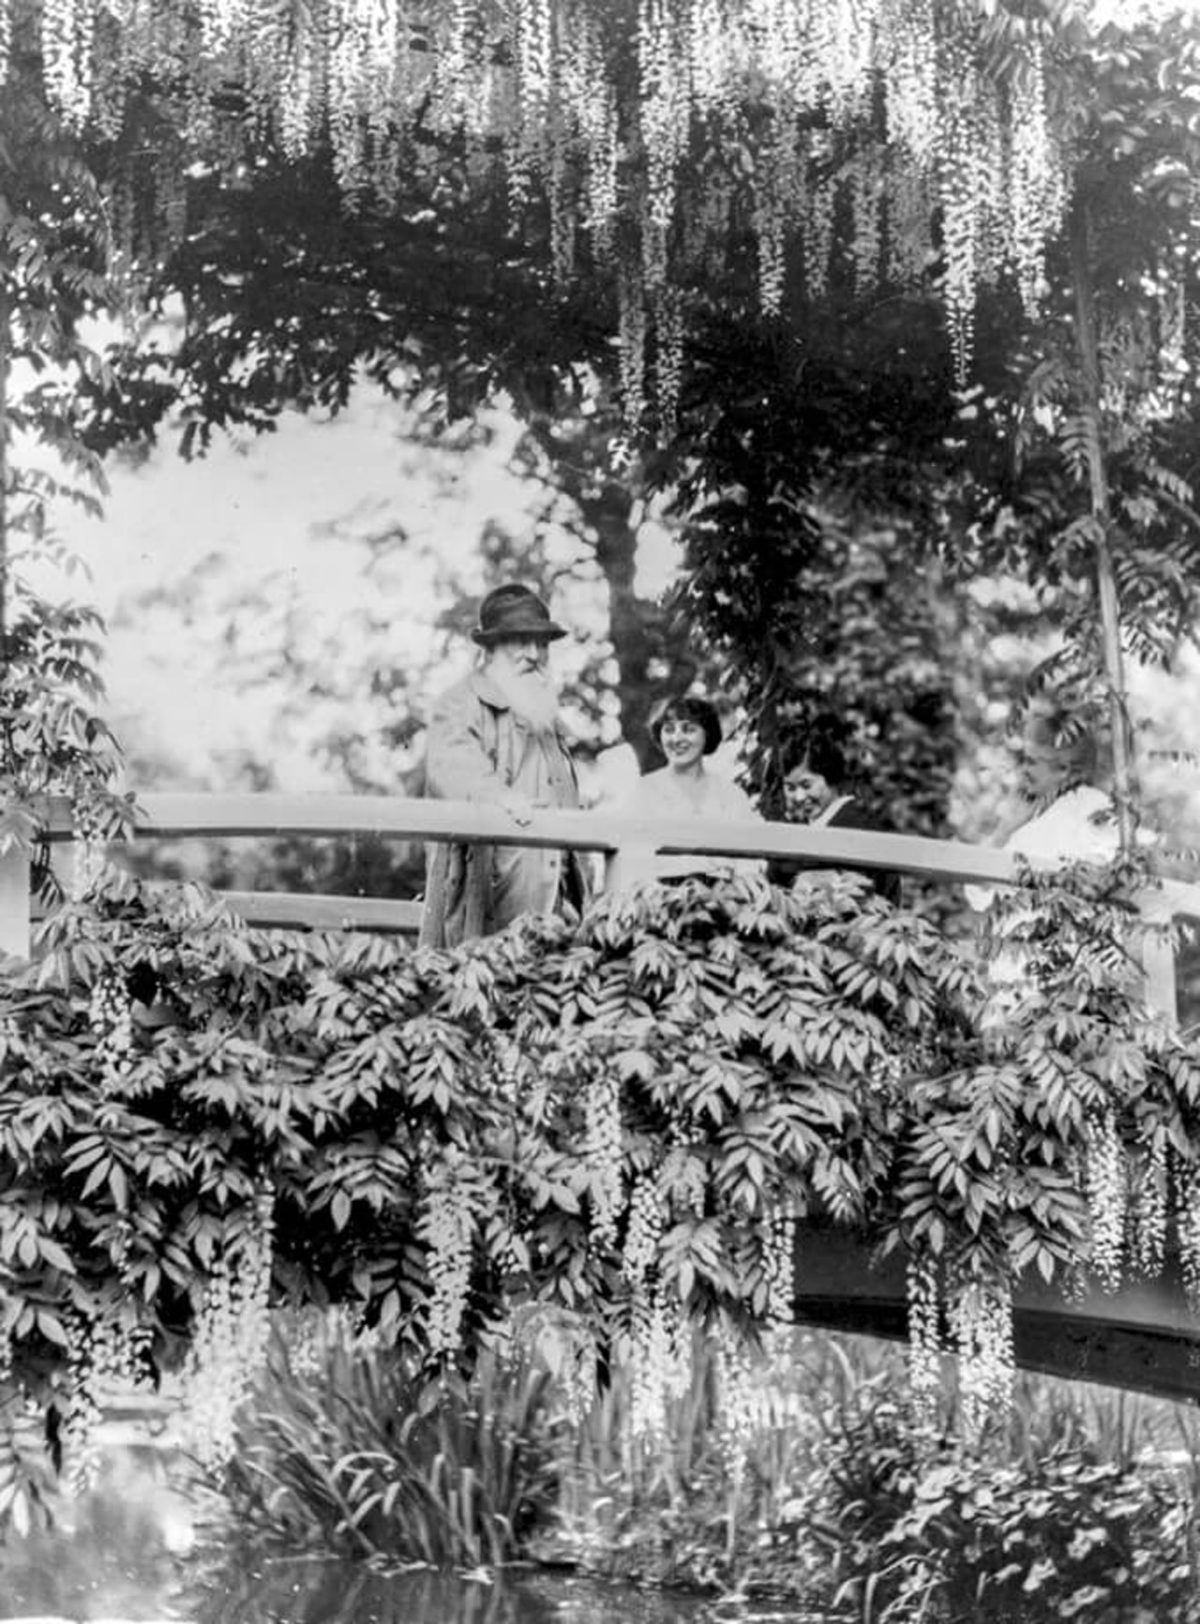 【艺术】日本北川村莫奈花园神还原印象派名画《睡莲》河畔美景